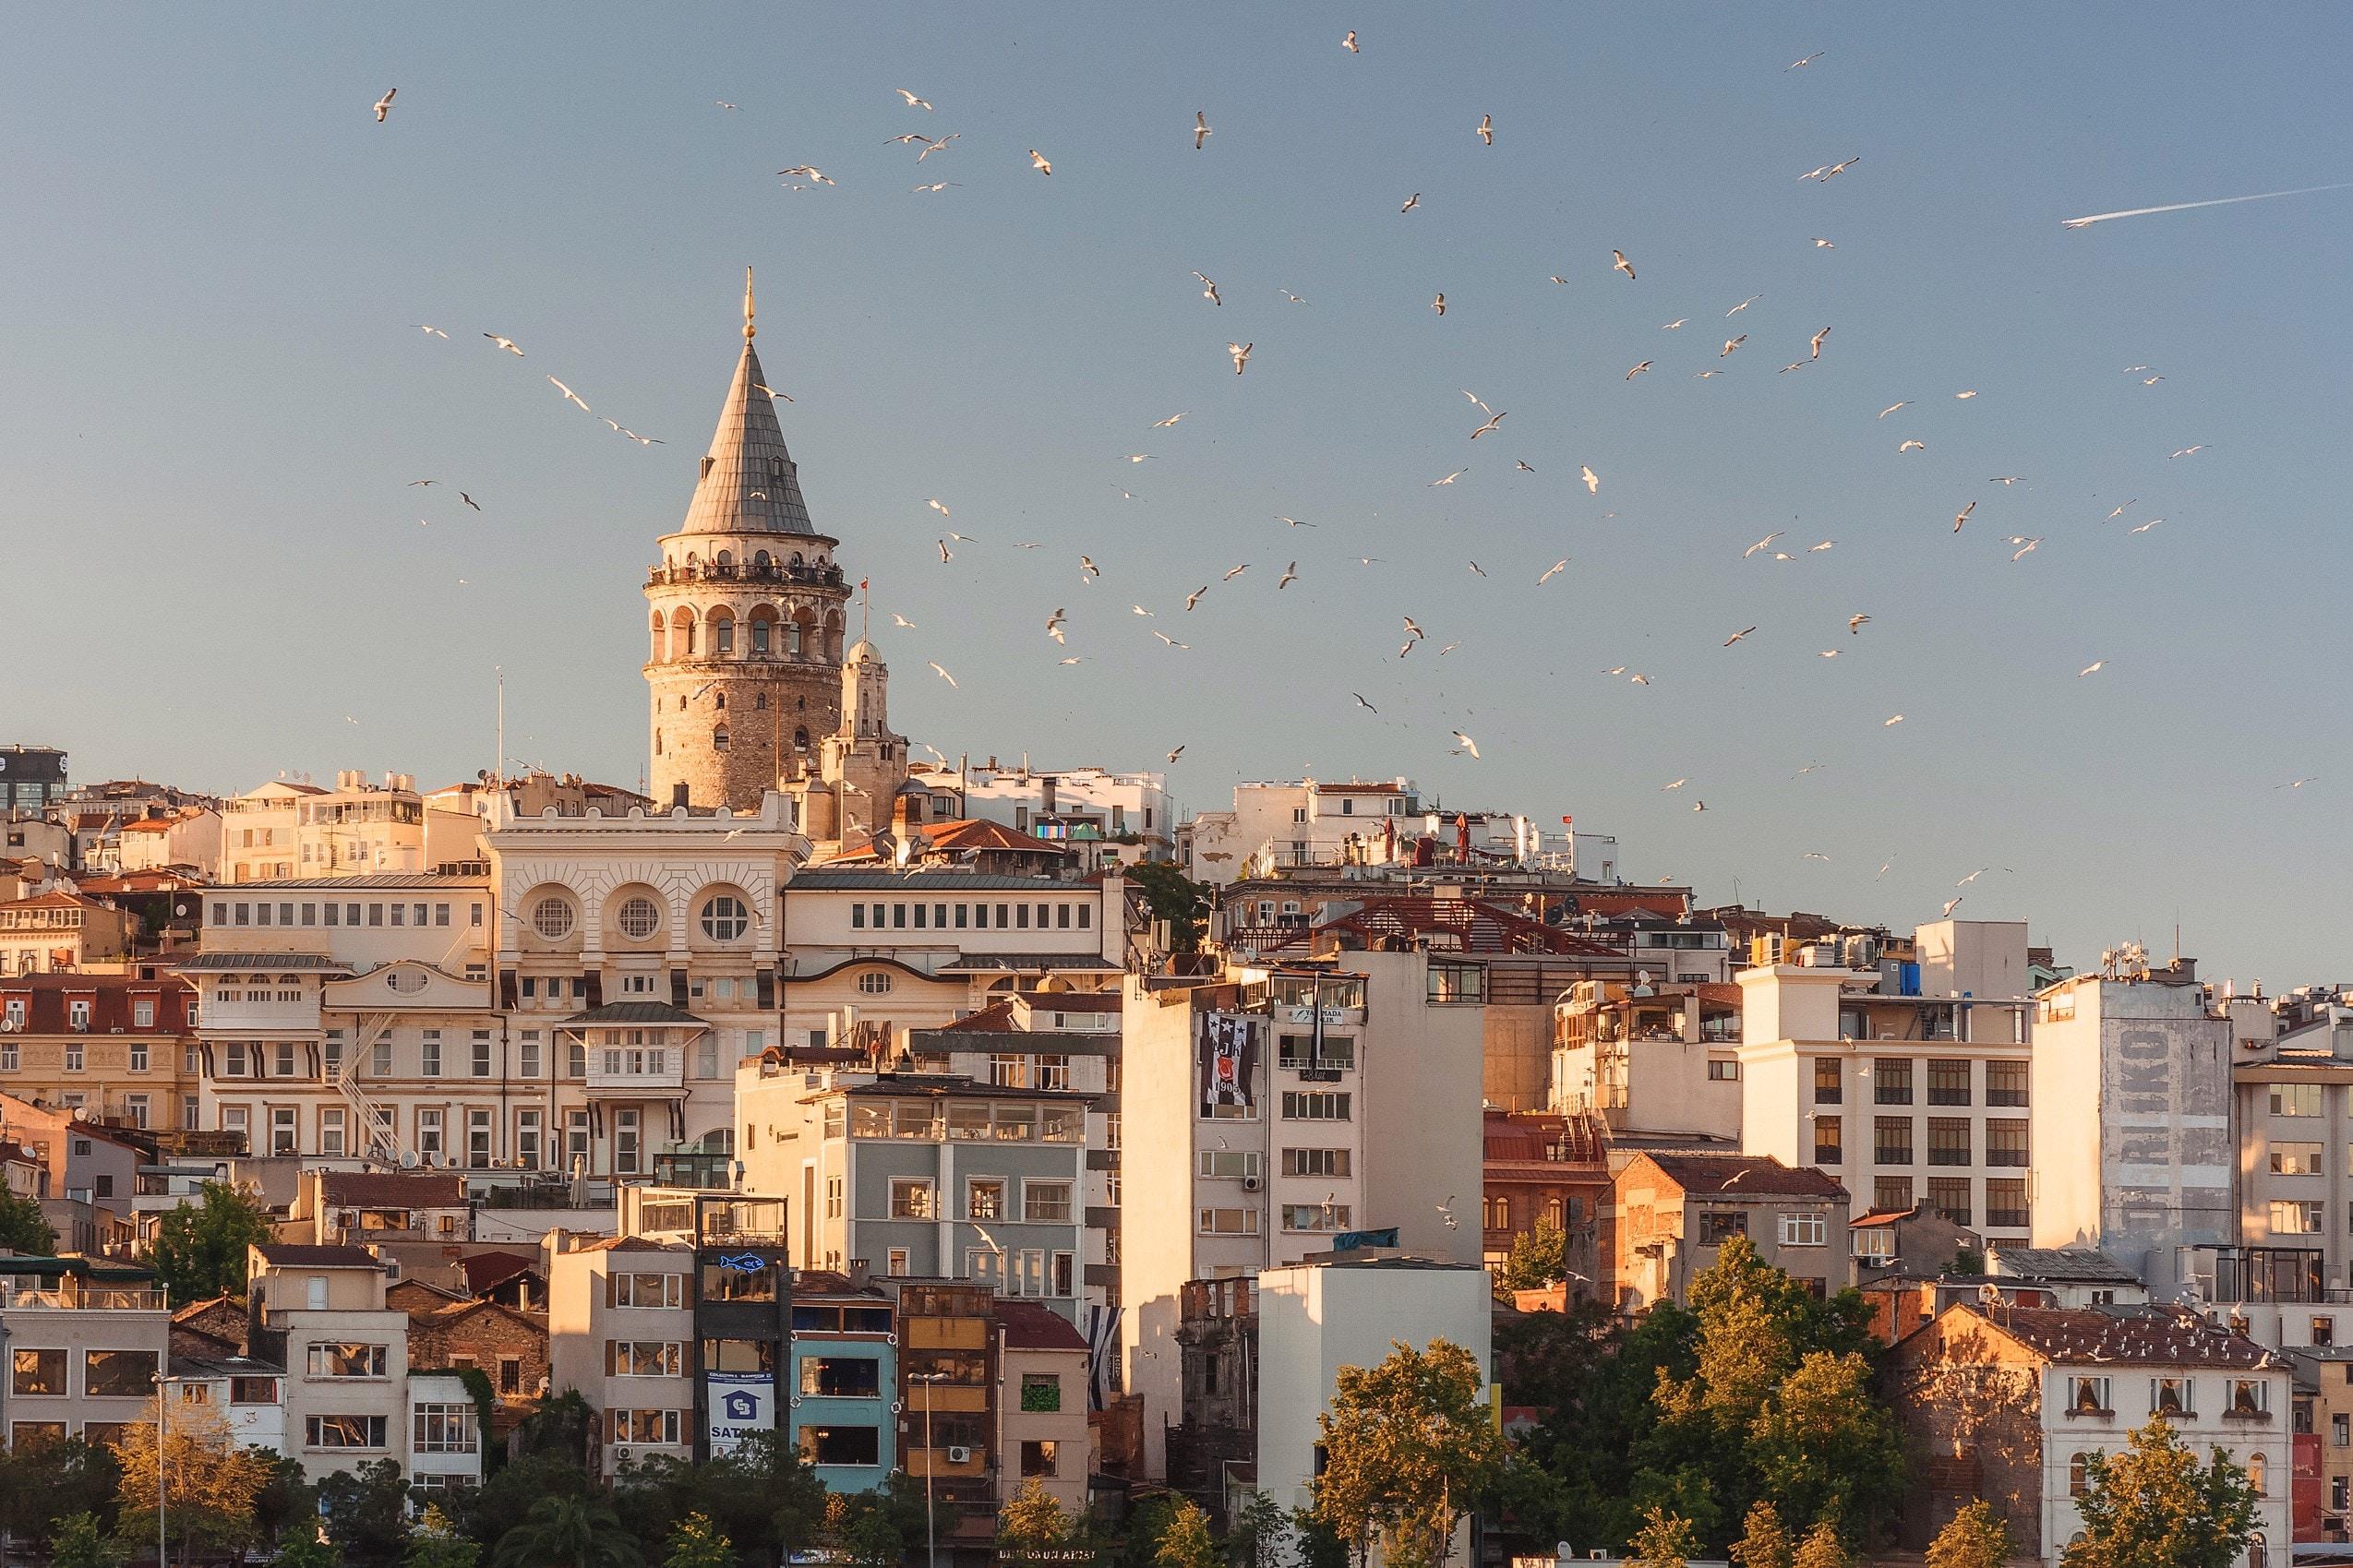 イスタンブールの治安・安全状況を調査!危険エリアや観光での注意点は?